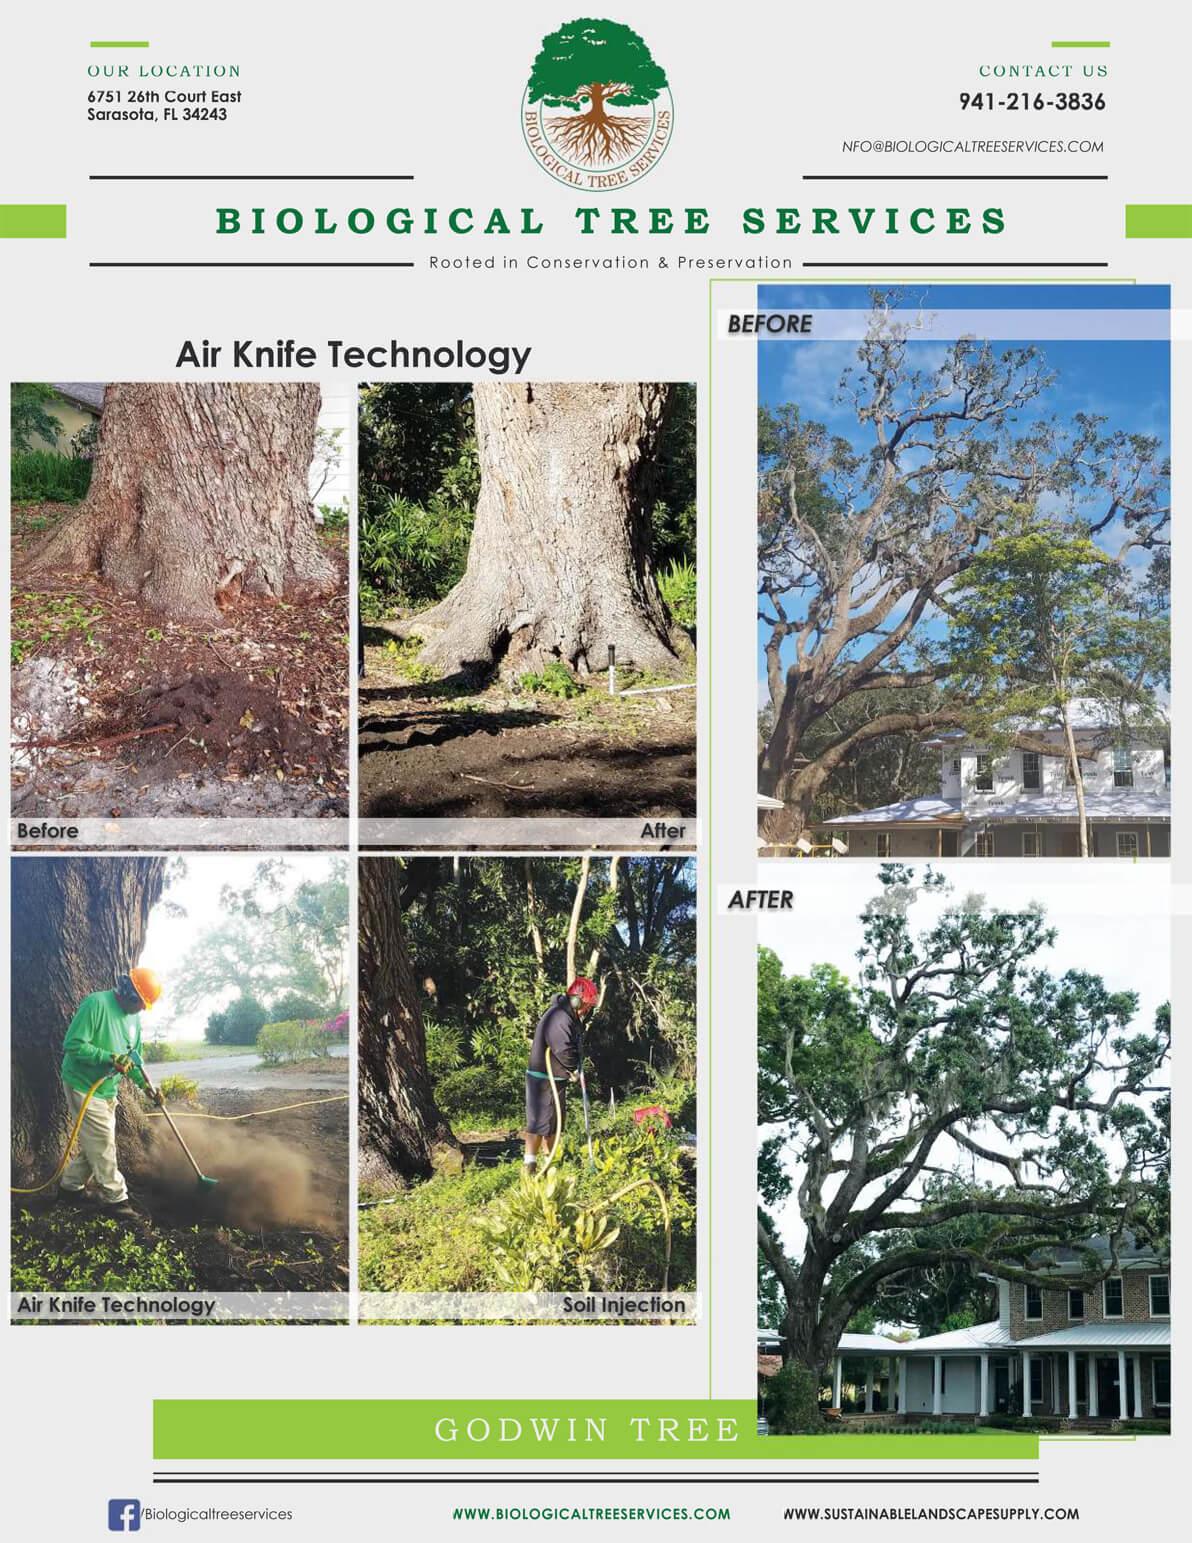 The Godwin Tree